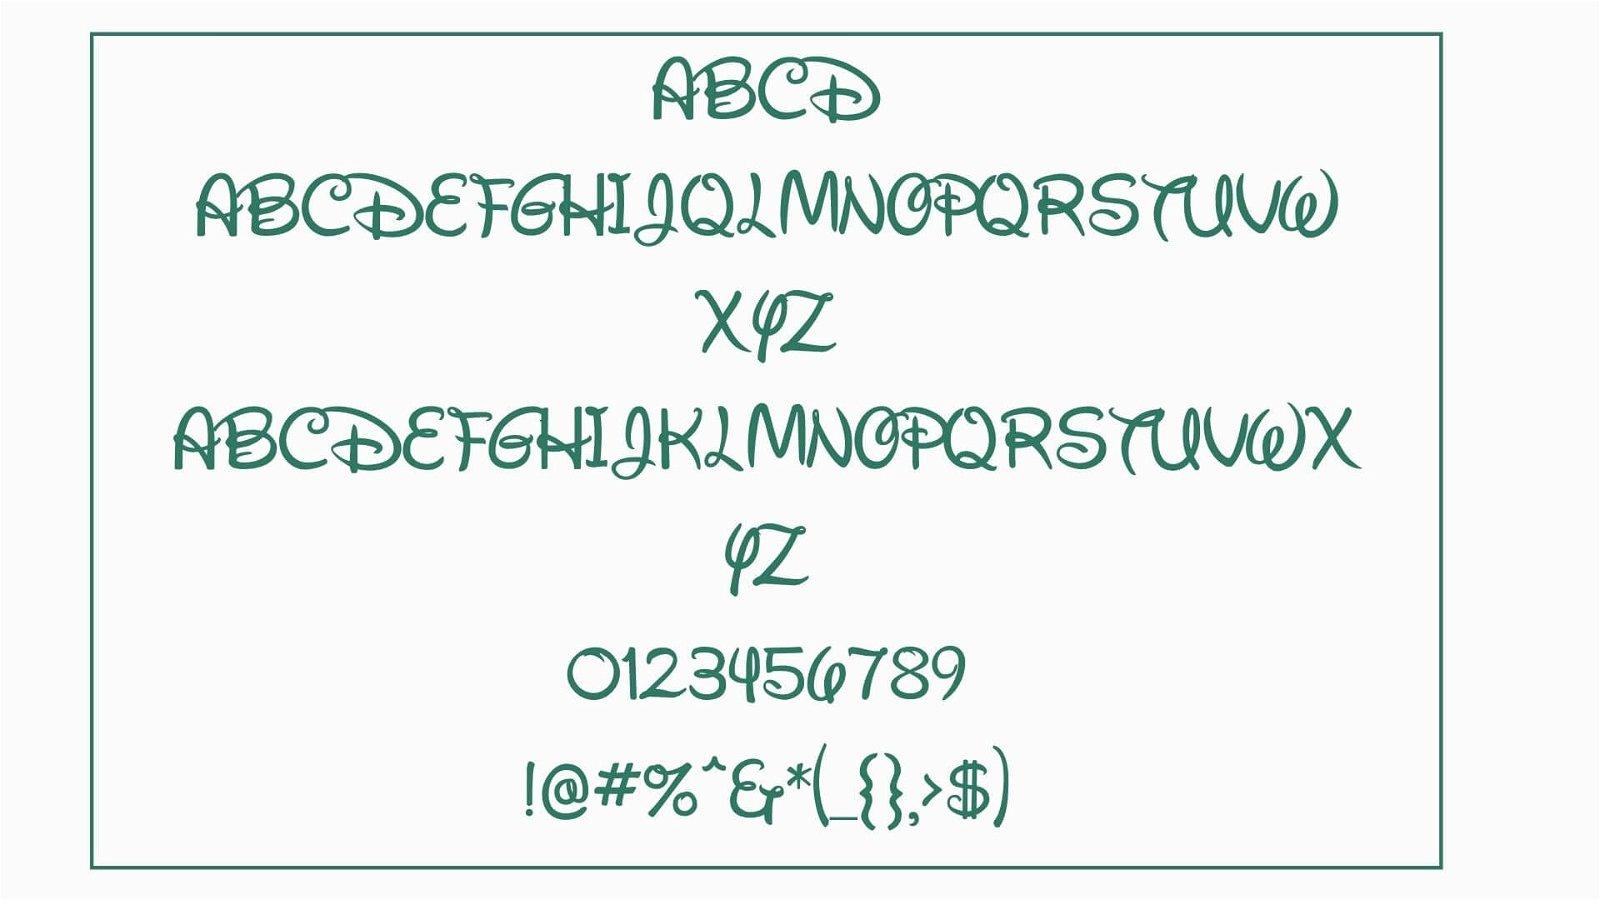 Waltograph Font View - Waltograph Font Free Download